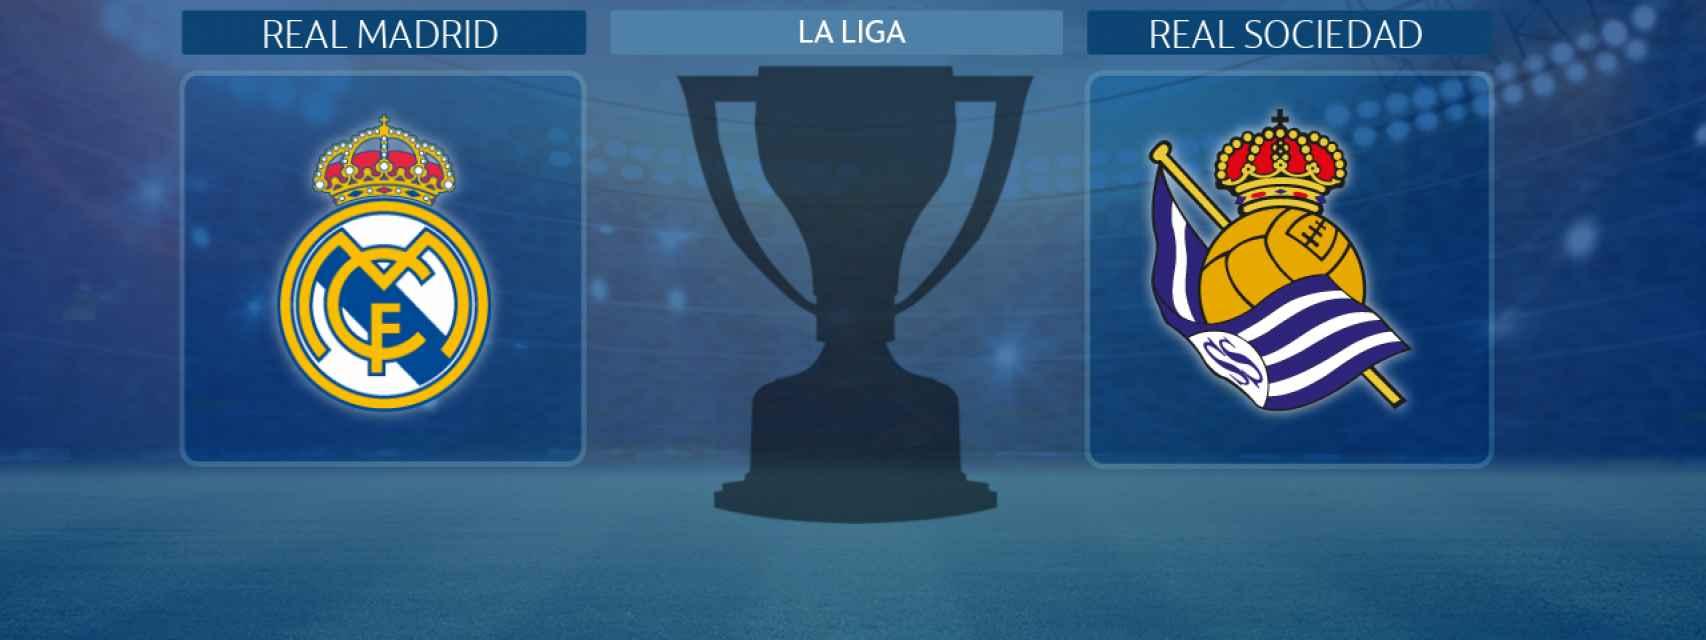 Real Madrid - Real Sociedad, partido de La Liga